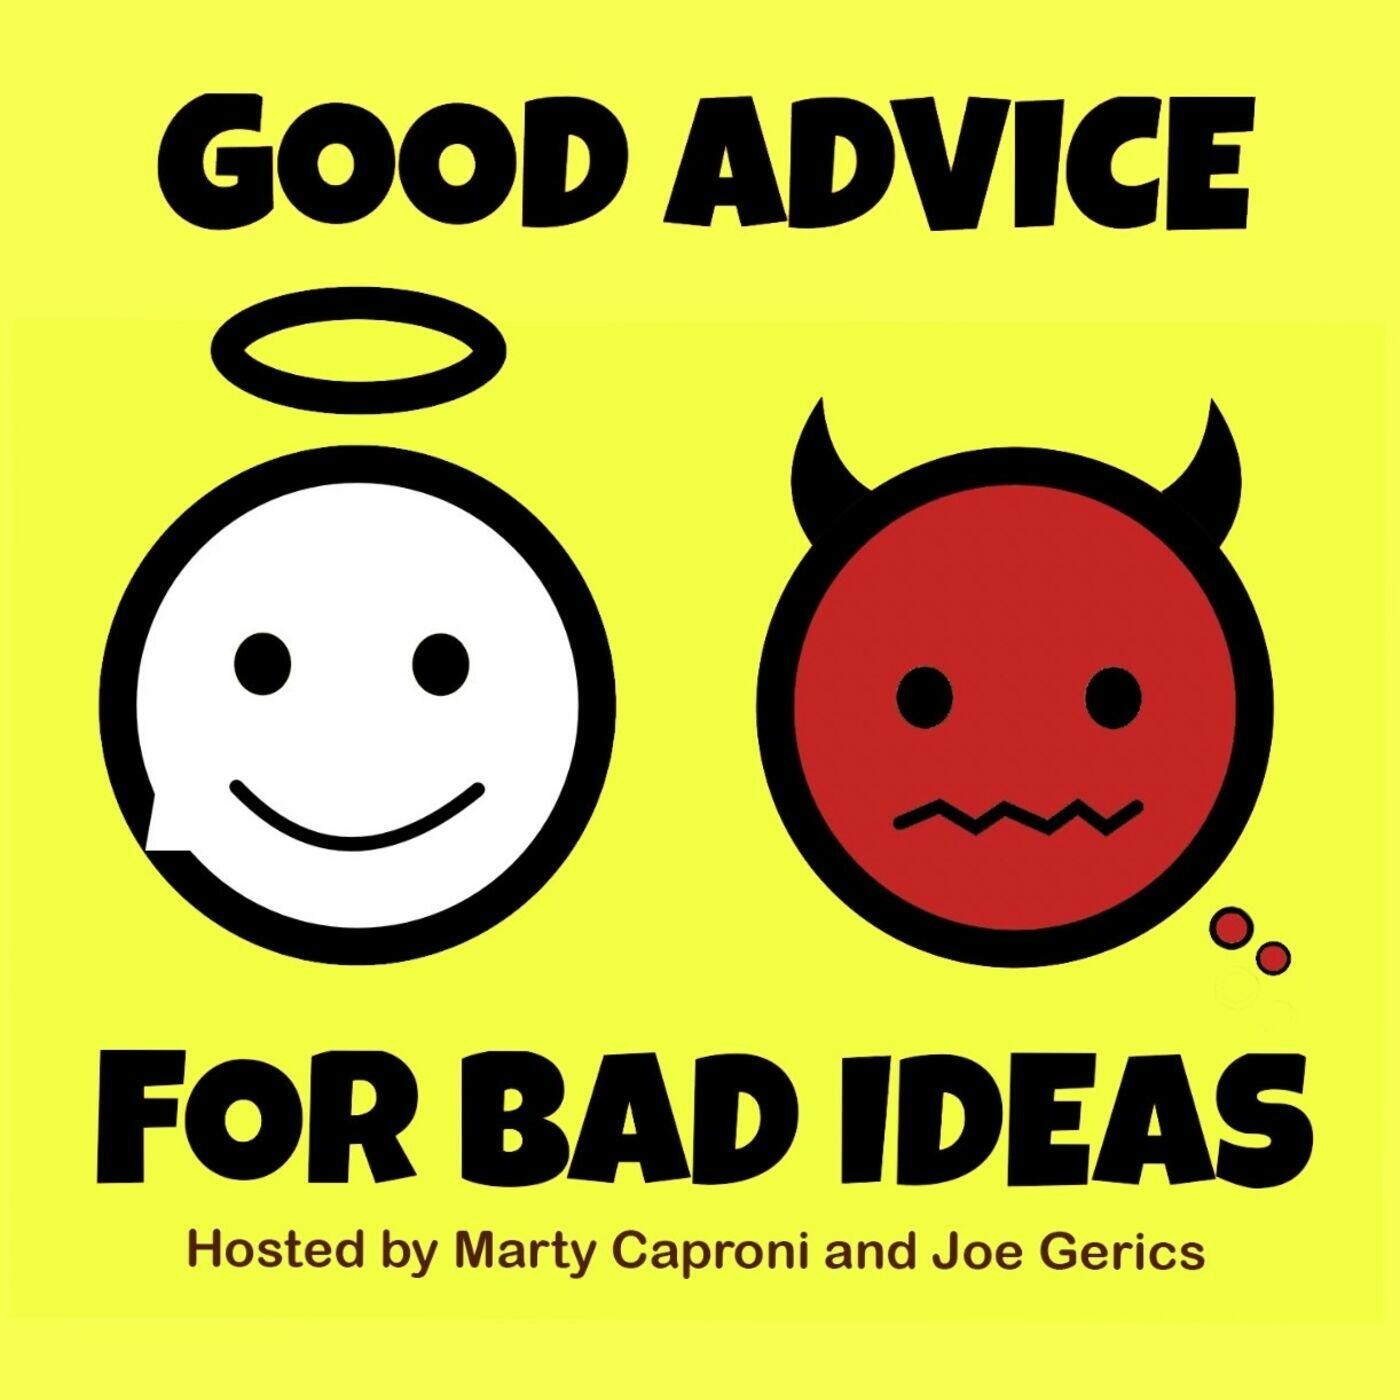 Good Advice for Bad Ideas